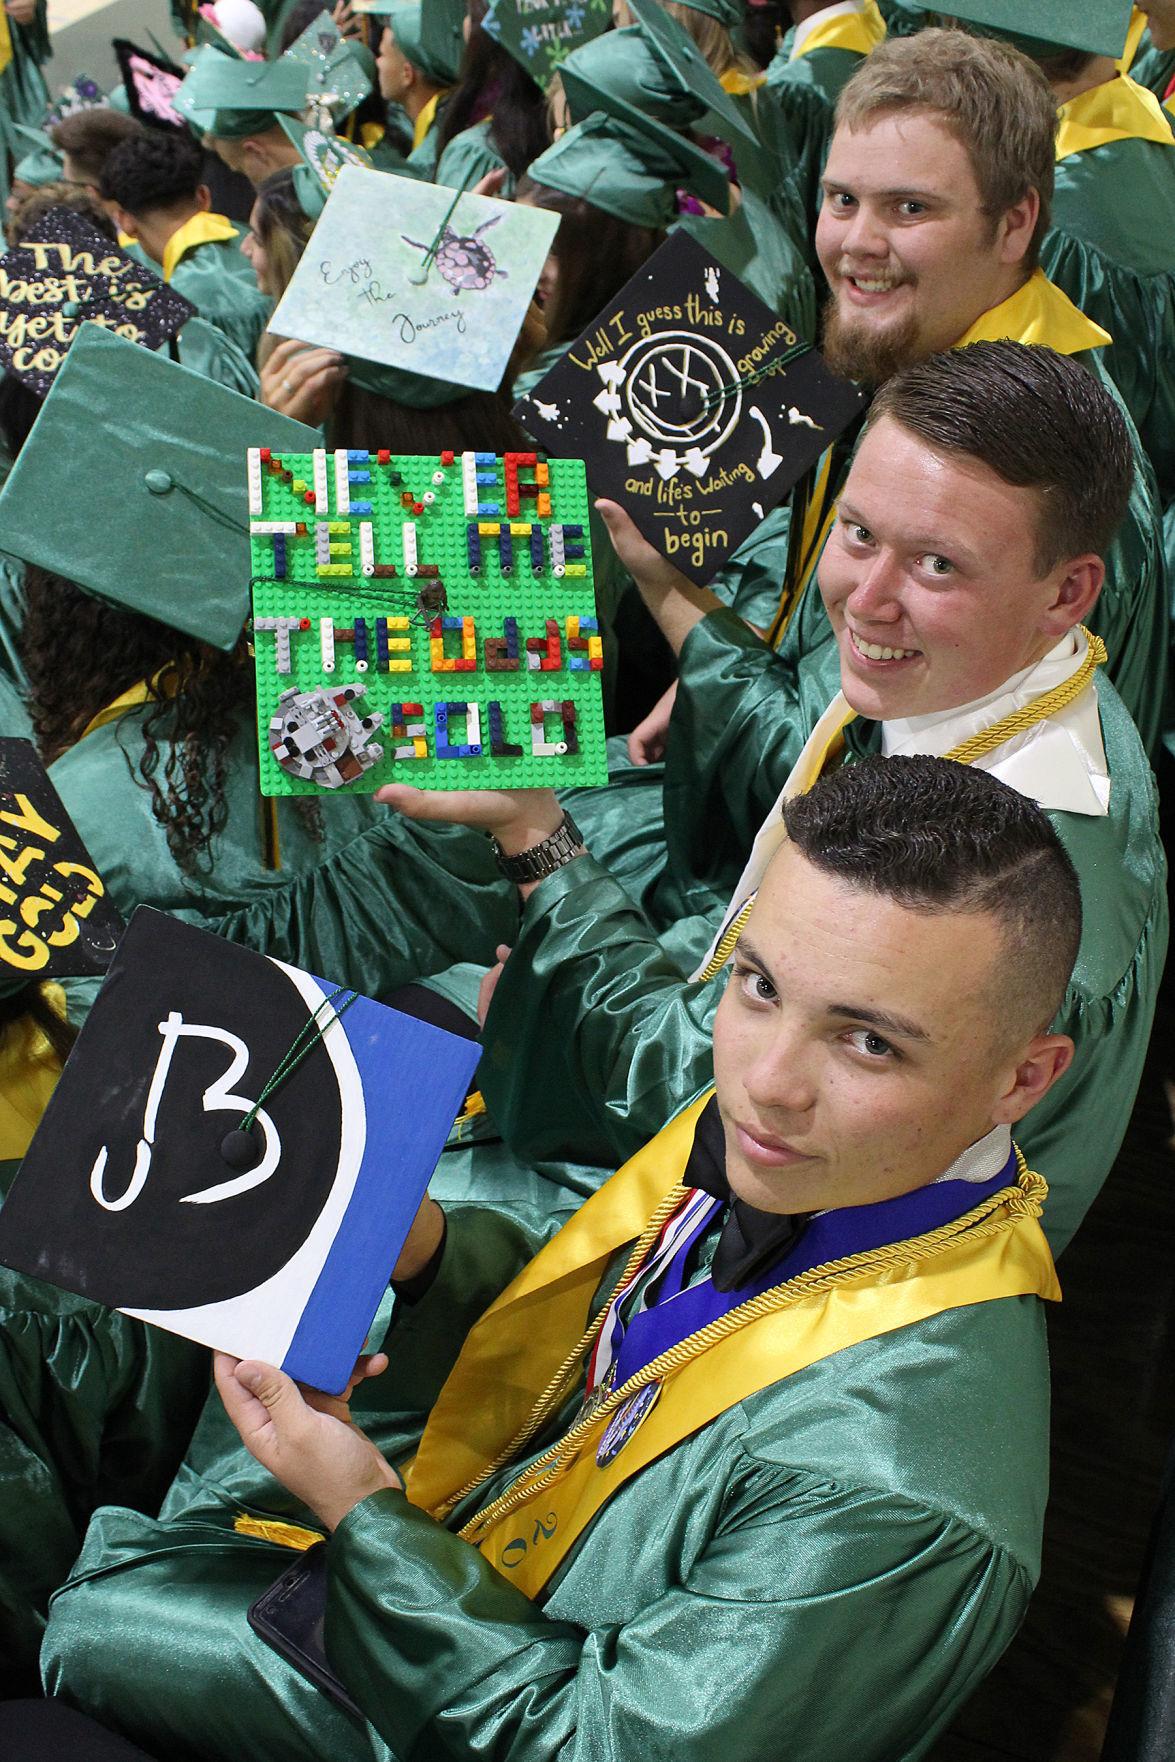 Kingsburg High: Messages